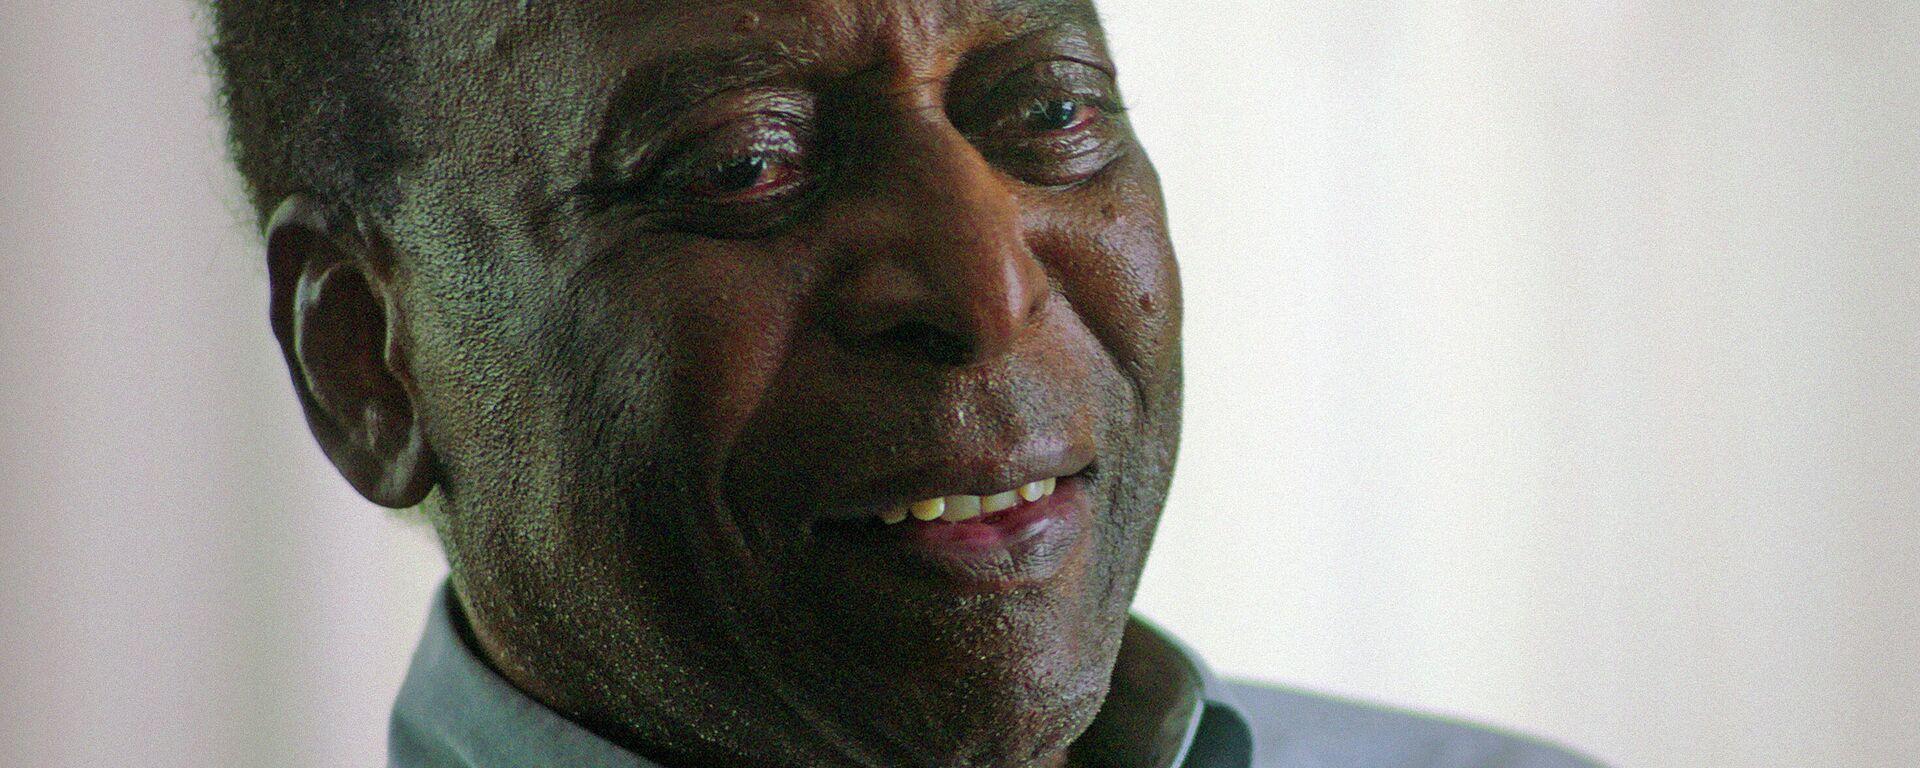 Pelé, exfutbolista brasileño - Sputnik Mundo, 1920, 31.08.2021